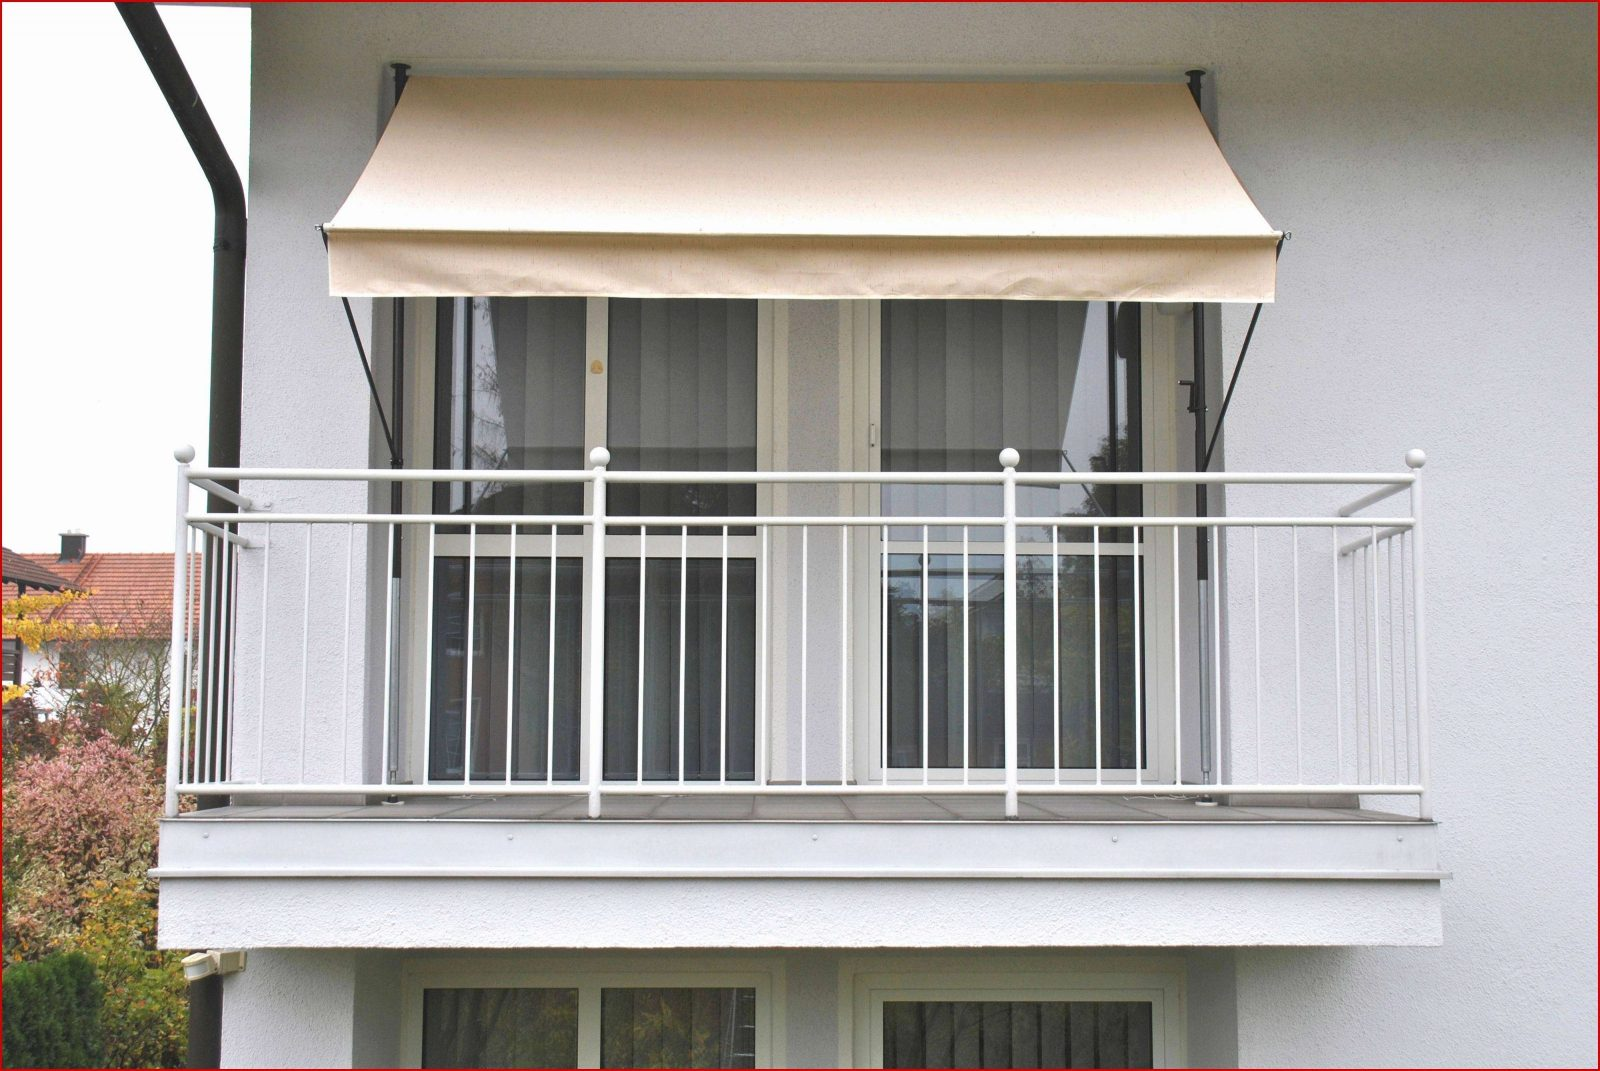 Sichtschutz Balkon Seitlich Ohne Bohren 42 Beispiel Inspiration Von von Balkon Sichtschutz Ohne Bohren Photo